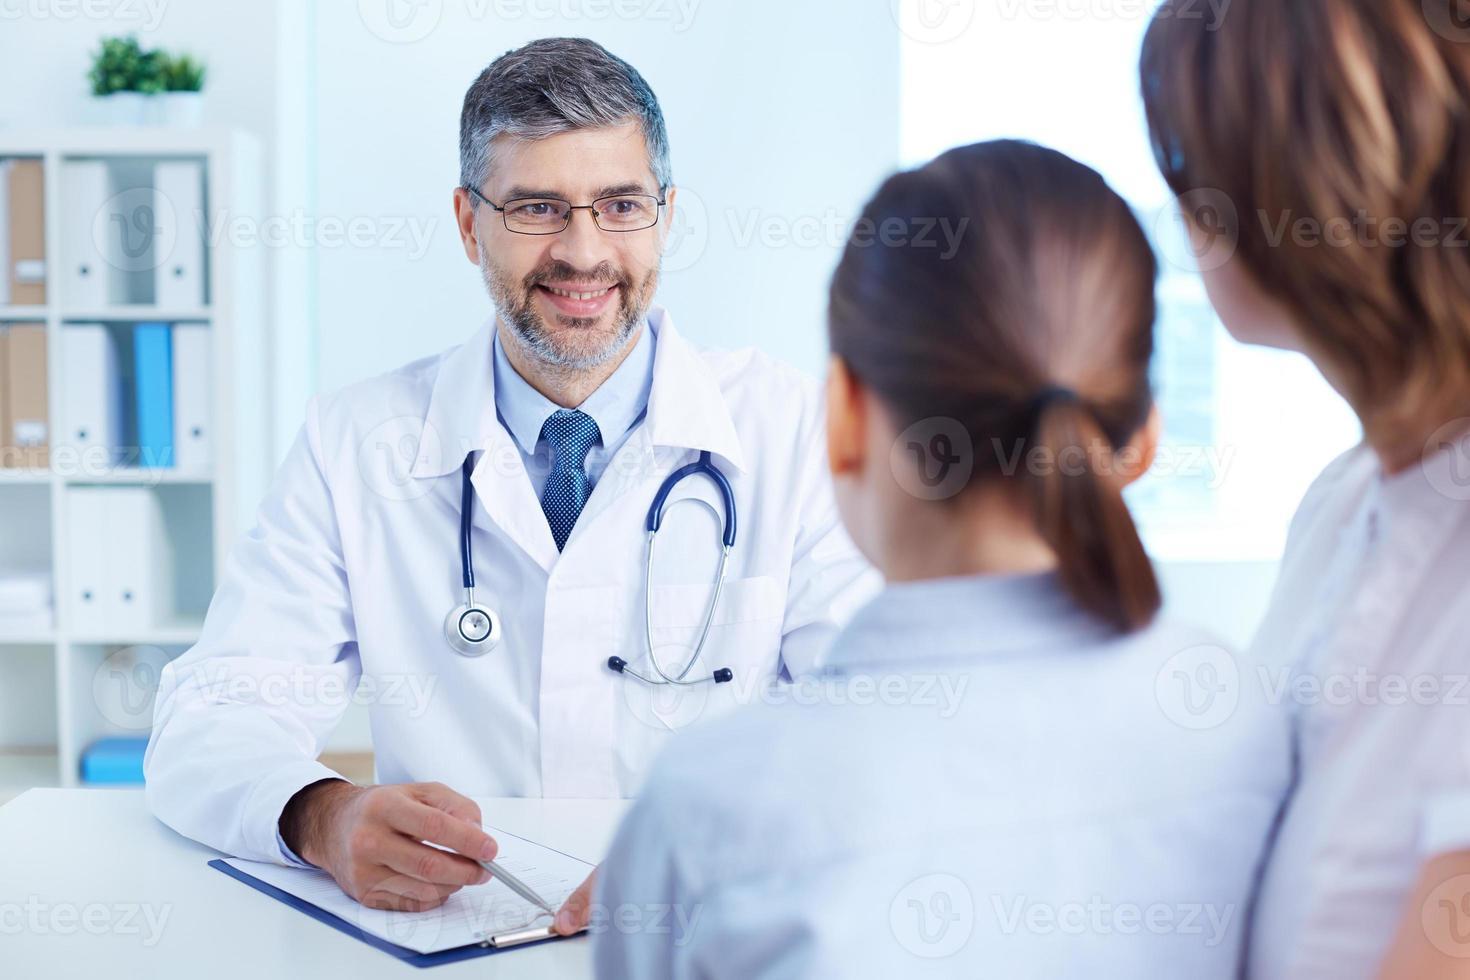 médico sorridente foto